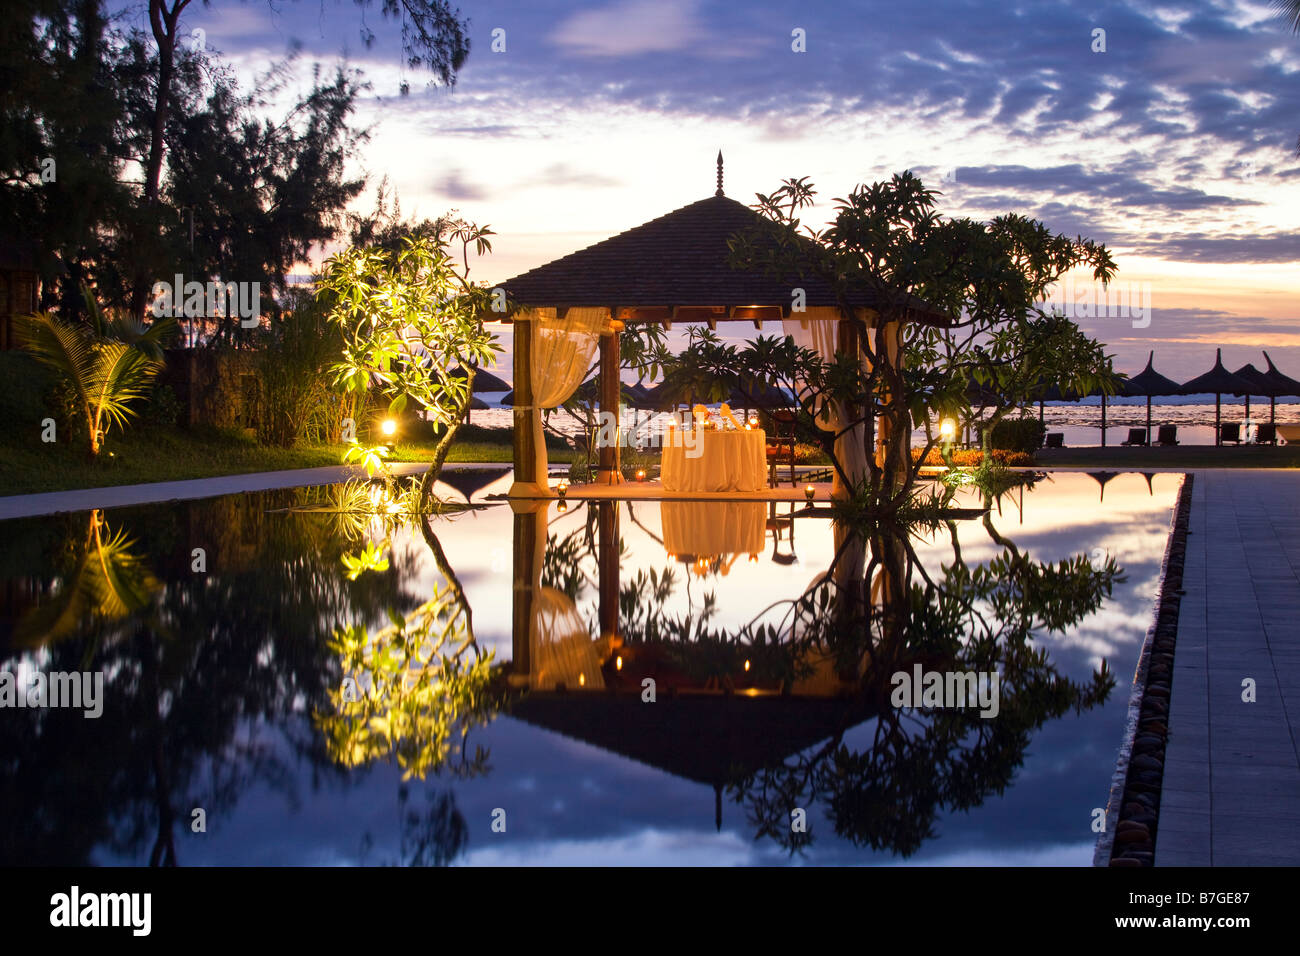 Mövenpick Resort an Twilight Luxus Tisch im kleinen Pavillon Sonnenuntergang Küste von Mauritius Südafrika Stockbild